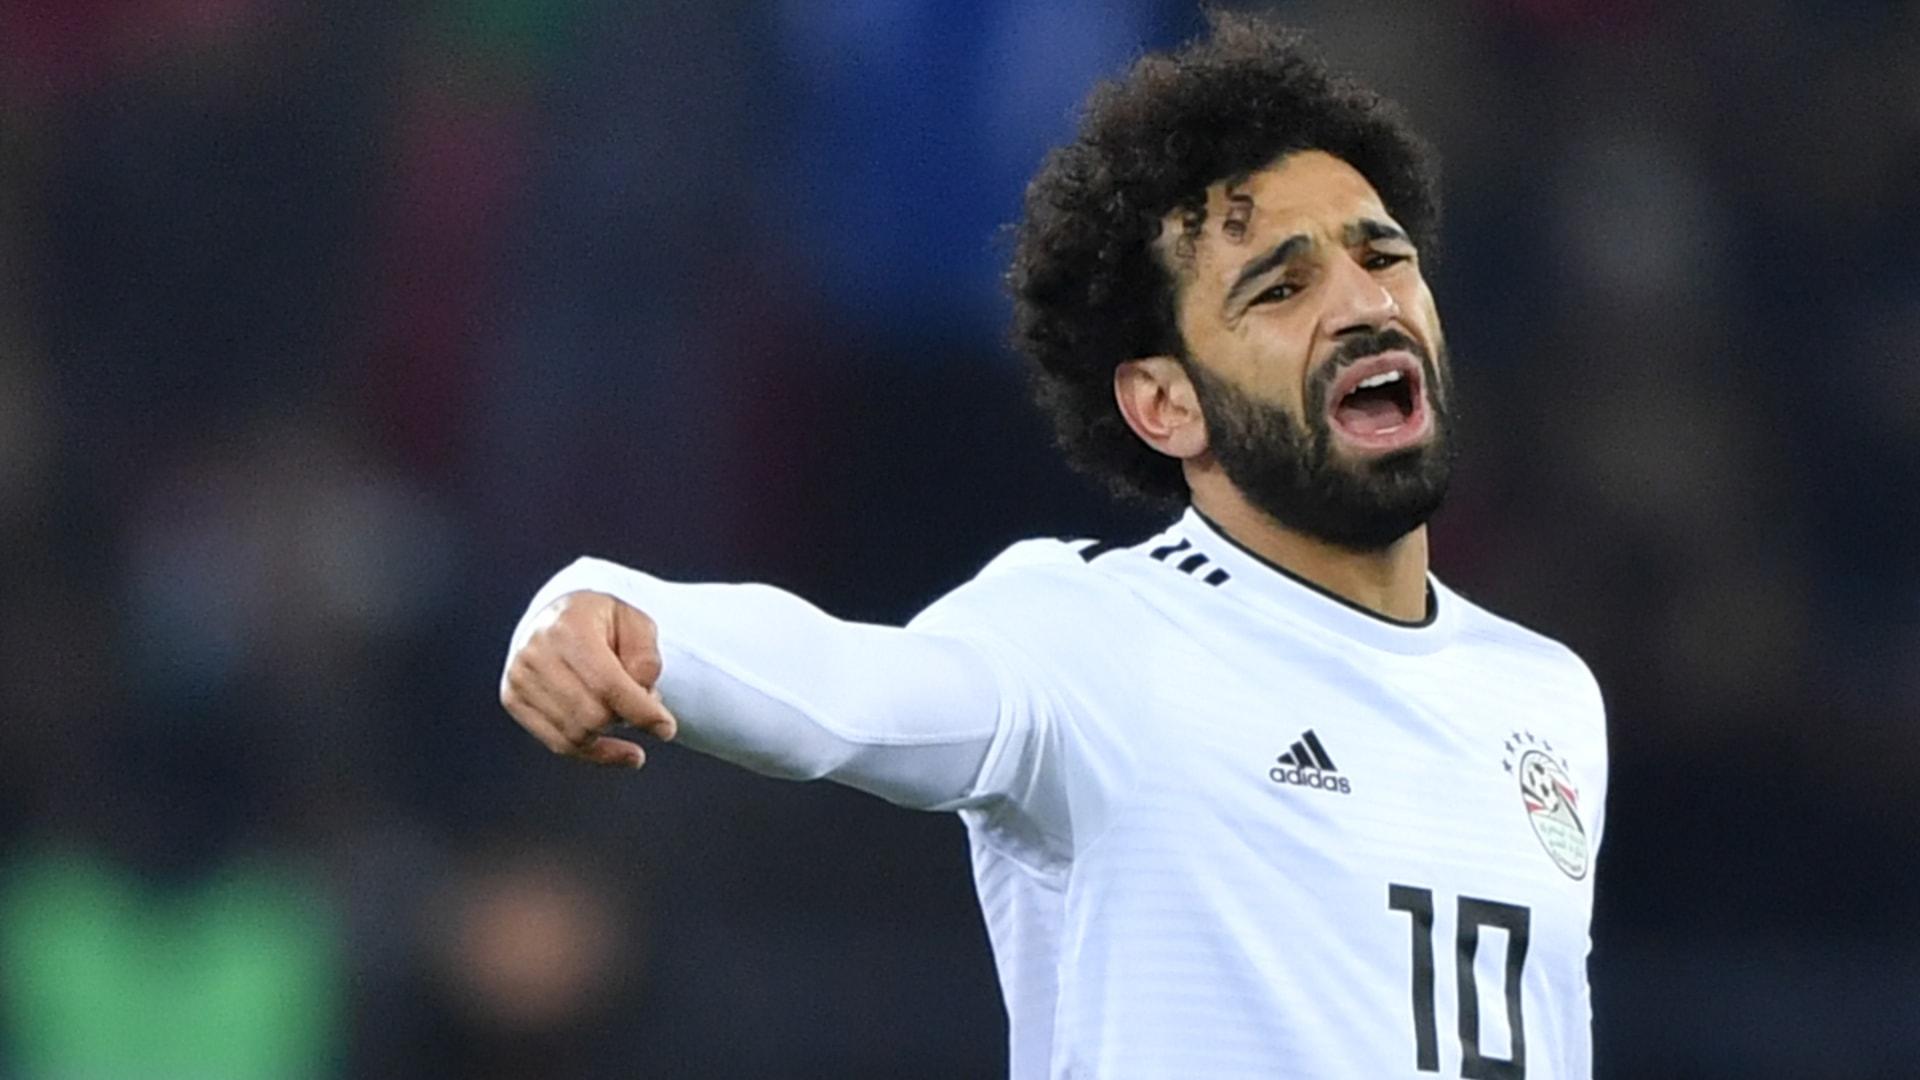 مدير المنتخب المصري يكشف حقيقة استبعاد محمد صلاح من كأس العالم